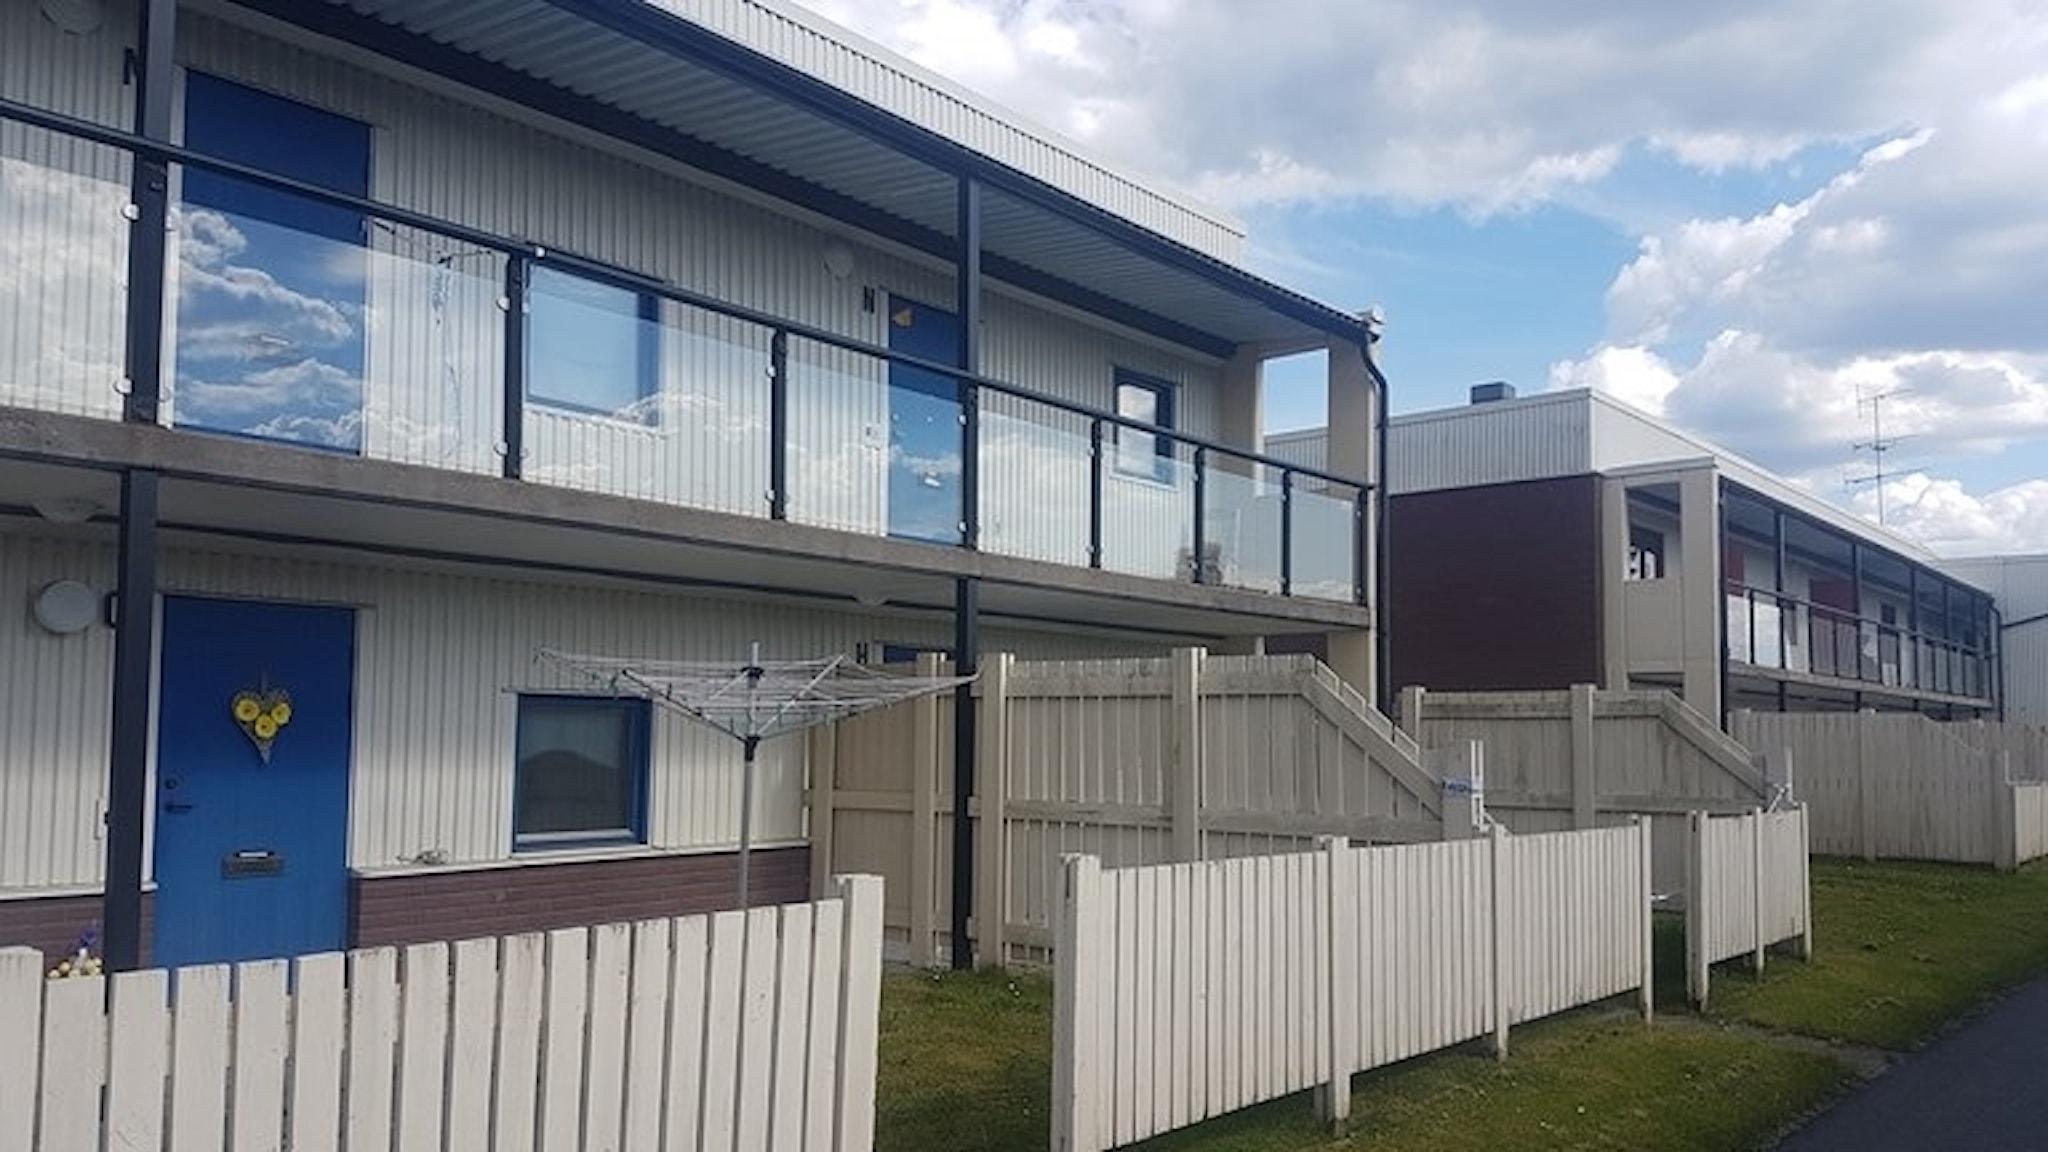 På fotet ser man ett vitt hus med blå dörrar. Det är två våningar högt och man kommer in till de övre lägenheterna via en loftgång.